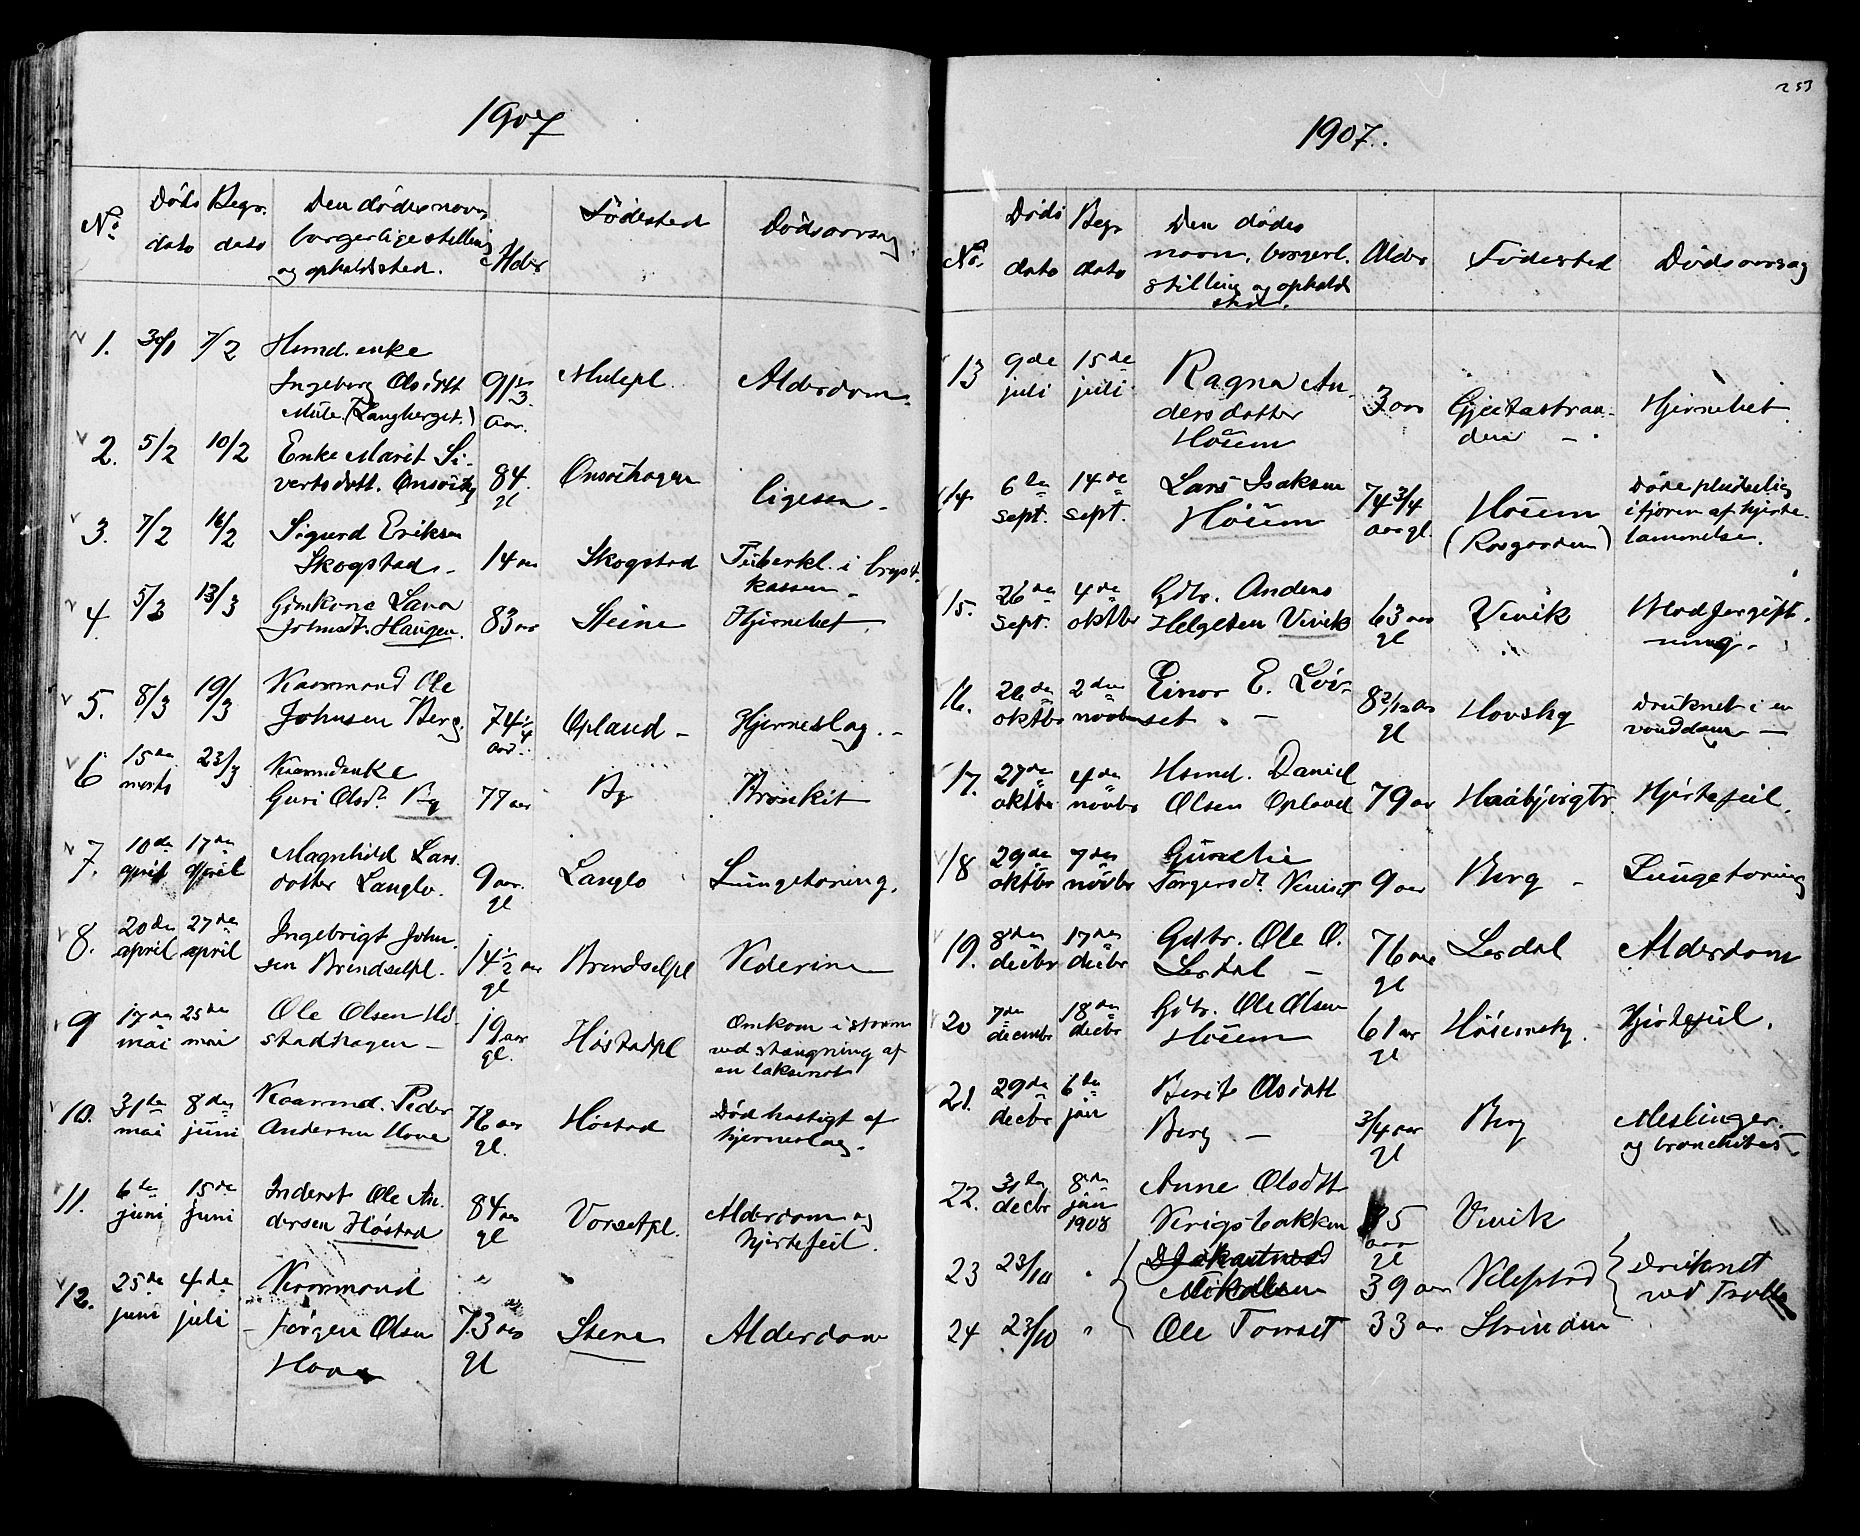 SAT, Ministerialprotokoller, klokkerbøker og fødselsregistre - Sør-Trøndelag, 612/L0387: Klokkerbok nr. 612C03, 1874-1908, s. 253